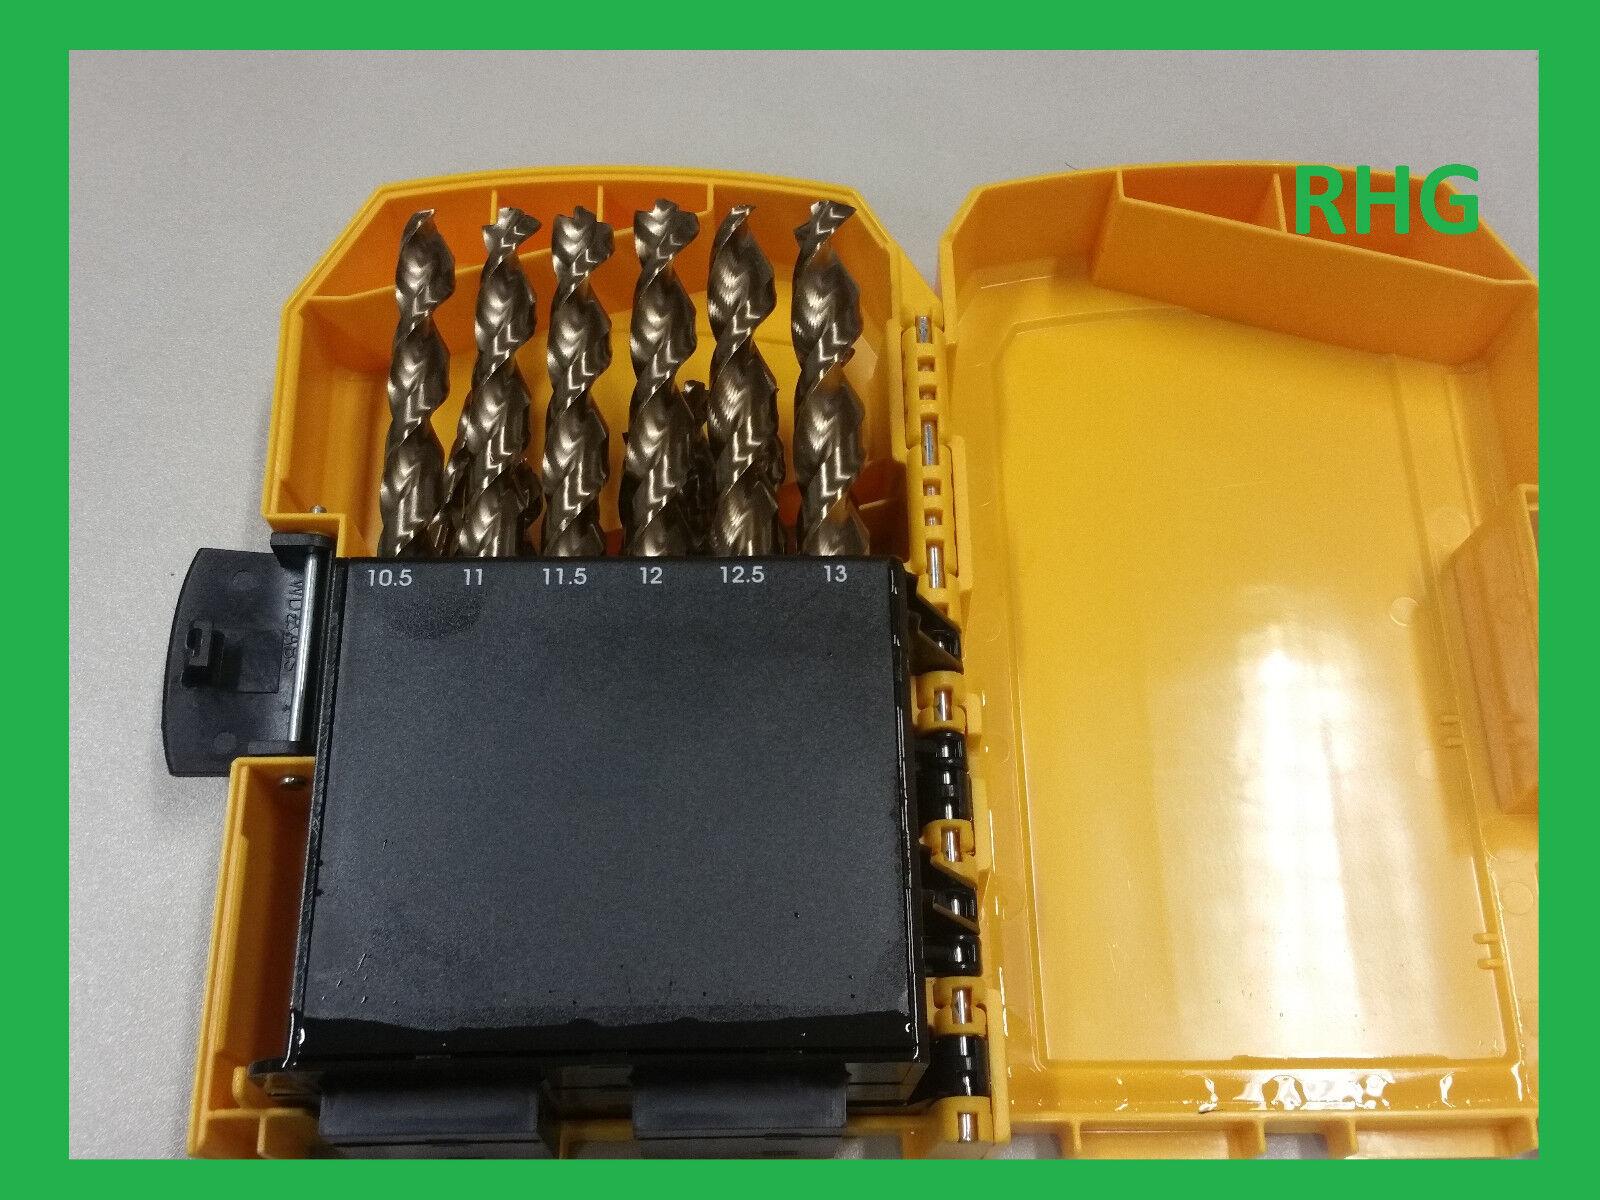 DeWalt EXTREME Metallbohrer Set 29 tlg.m HSS-G  DT 7926 XJ